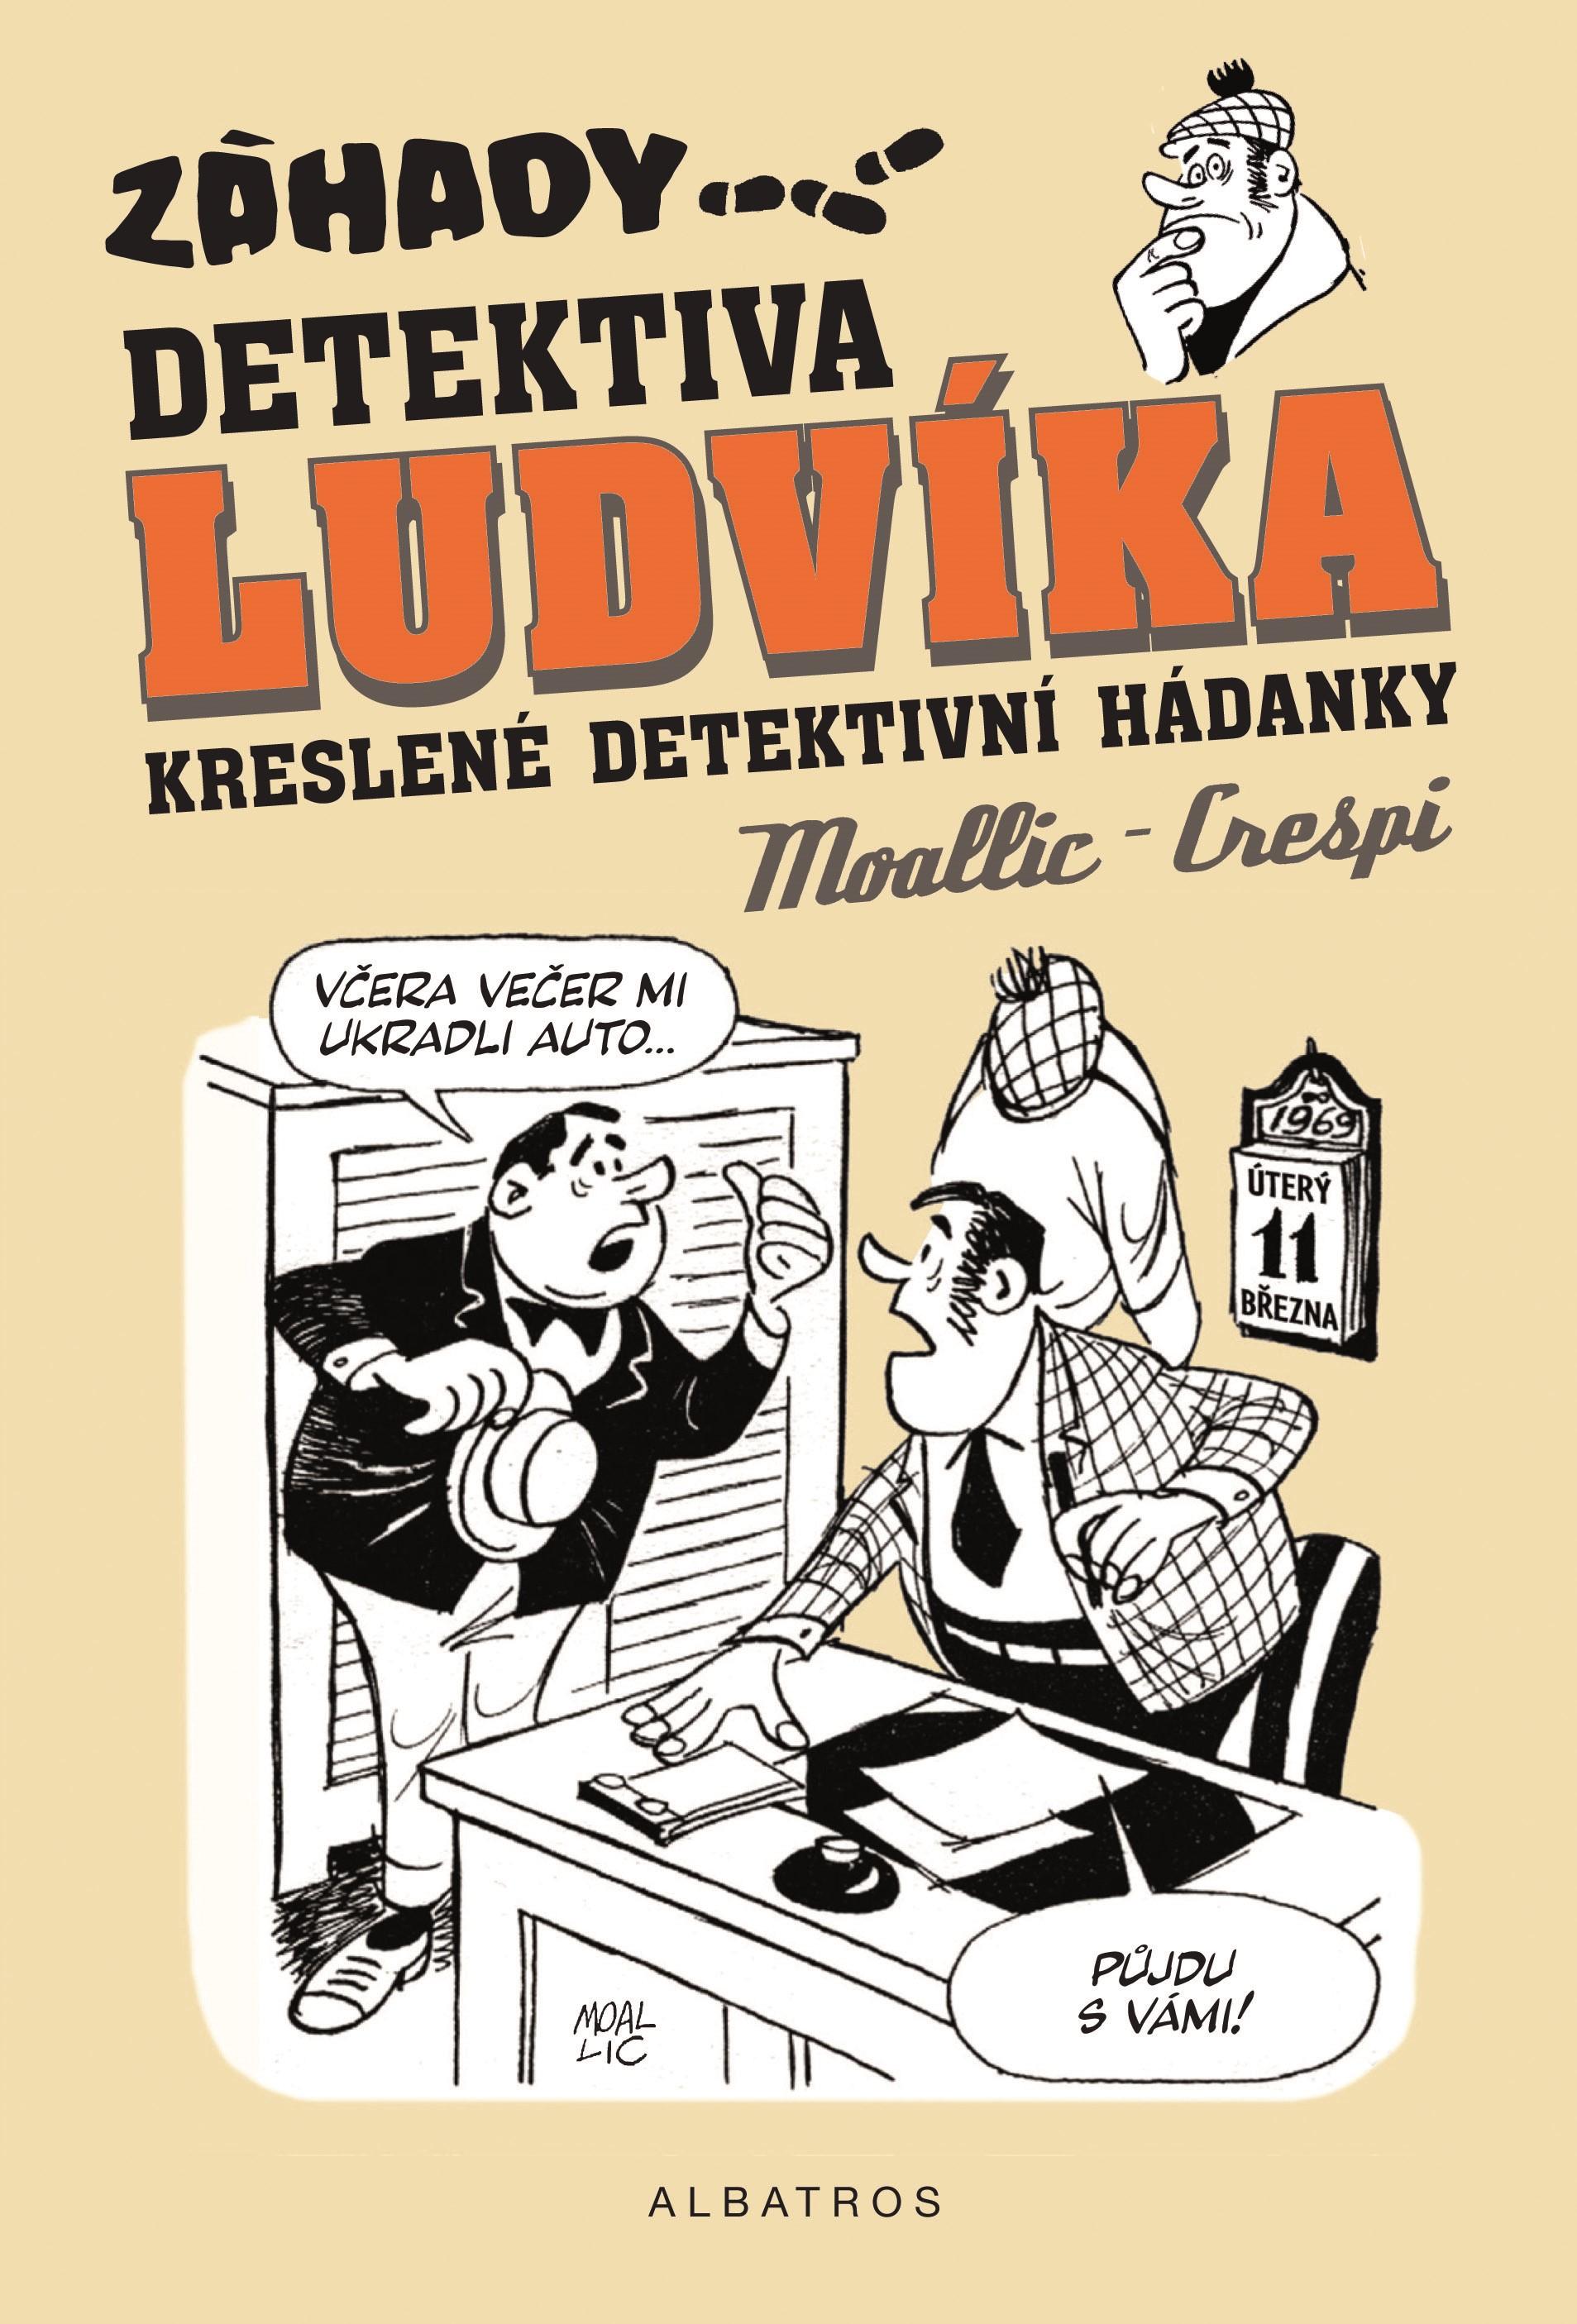 Zahady Detektiva Ludvika Albatrosmedia Cz